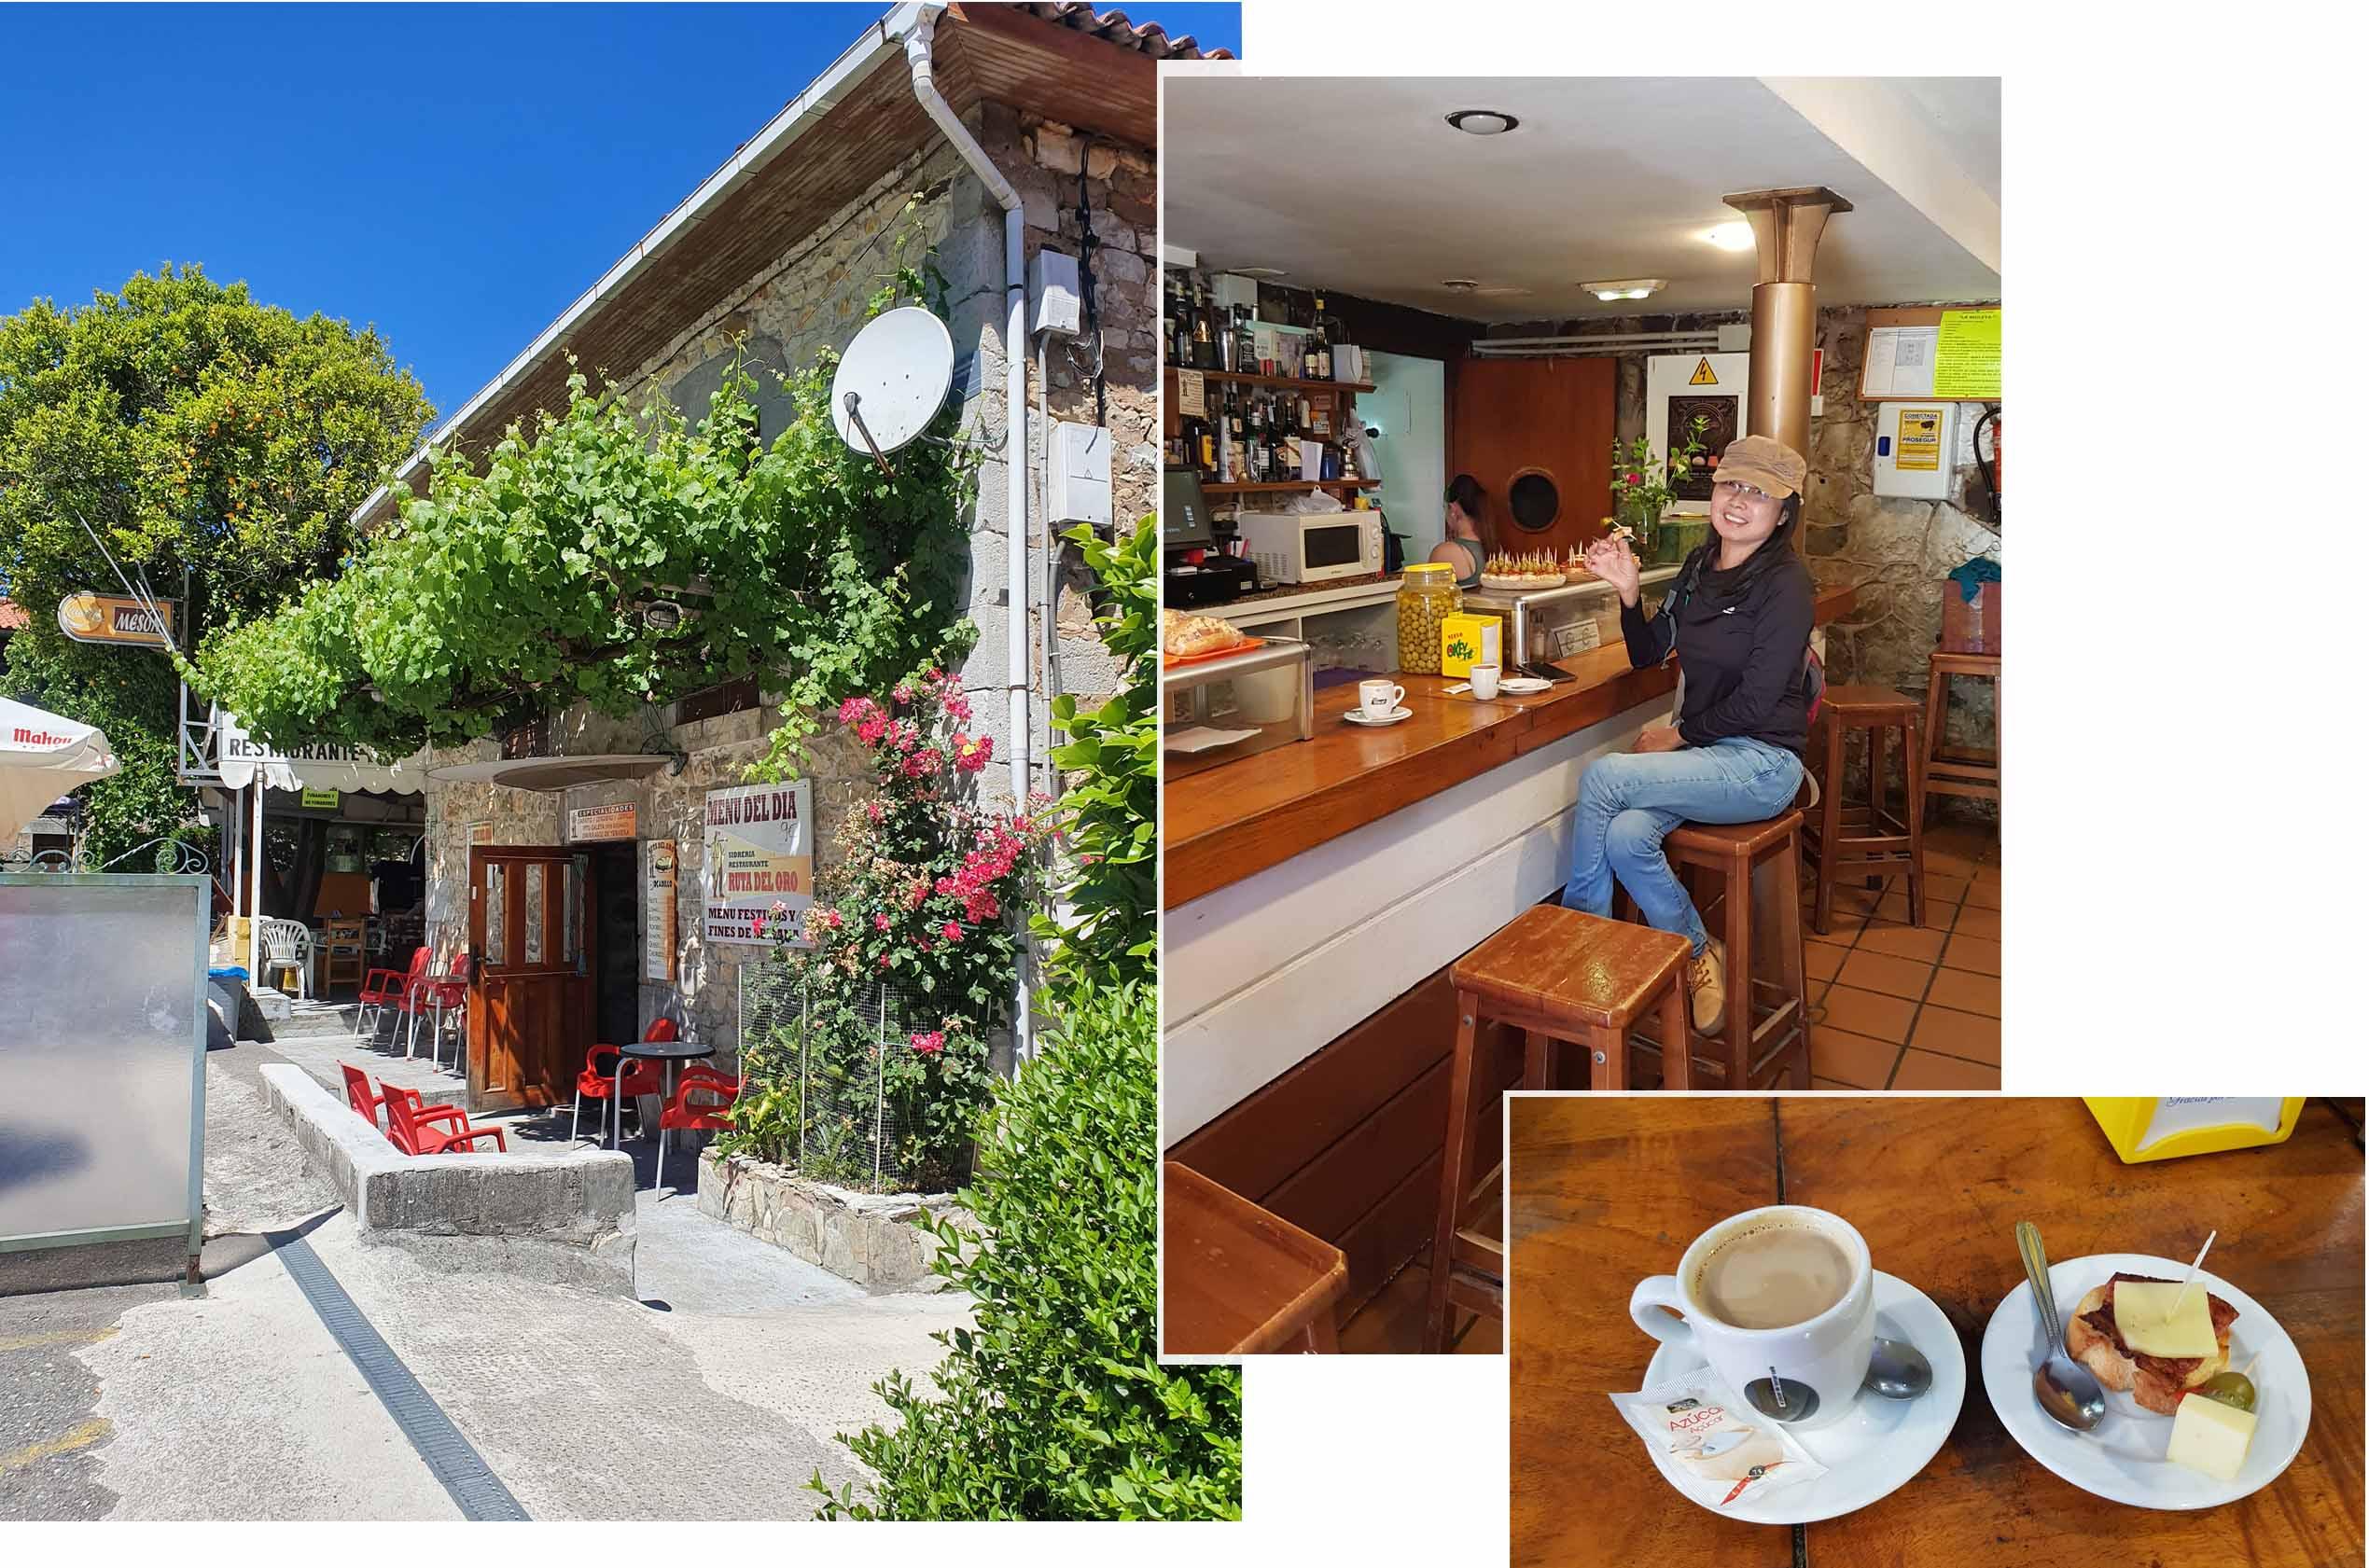 Tapas Break at a local cafe (co-ordinates: 43.353545, -6.183180)